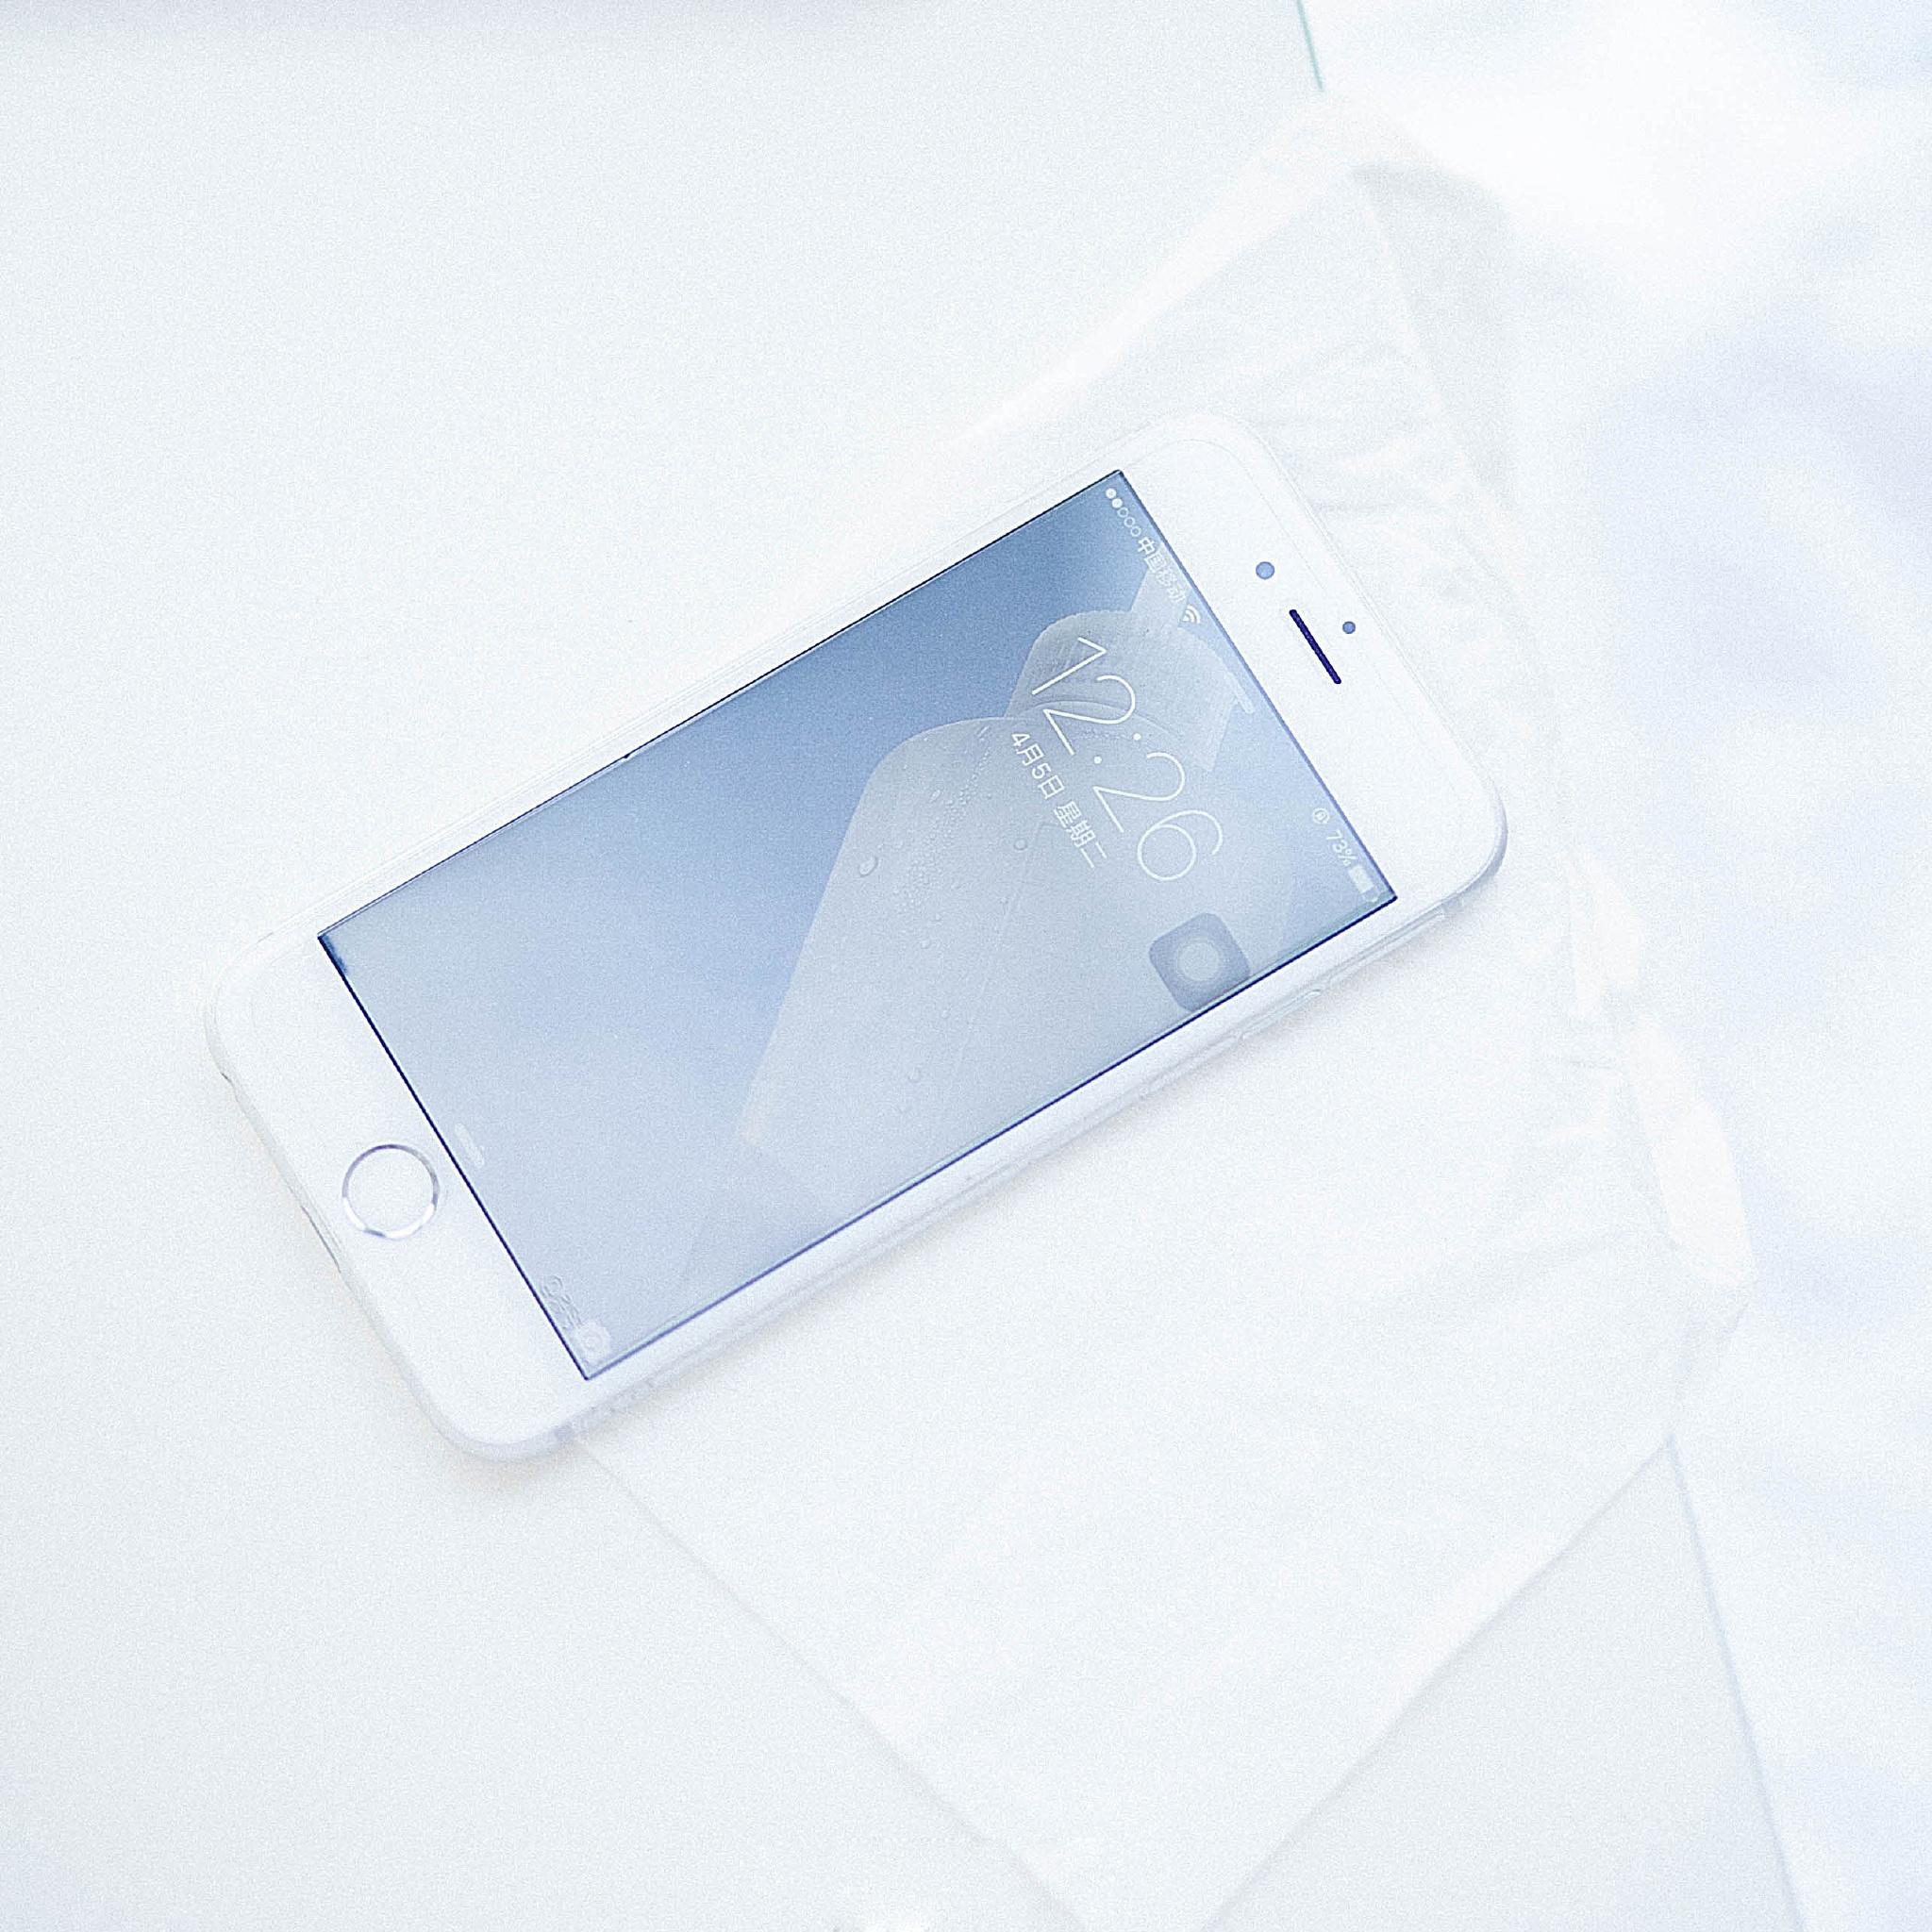 纯白色静物日系手机ppt背景图片下载